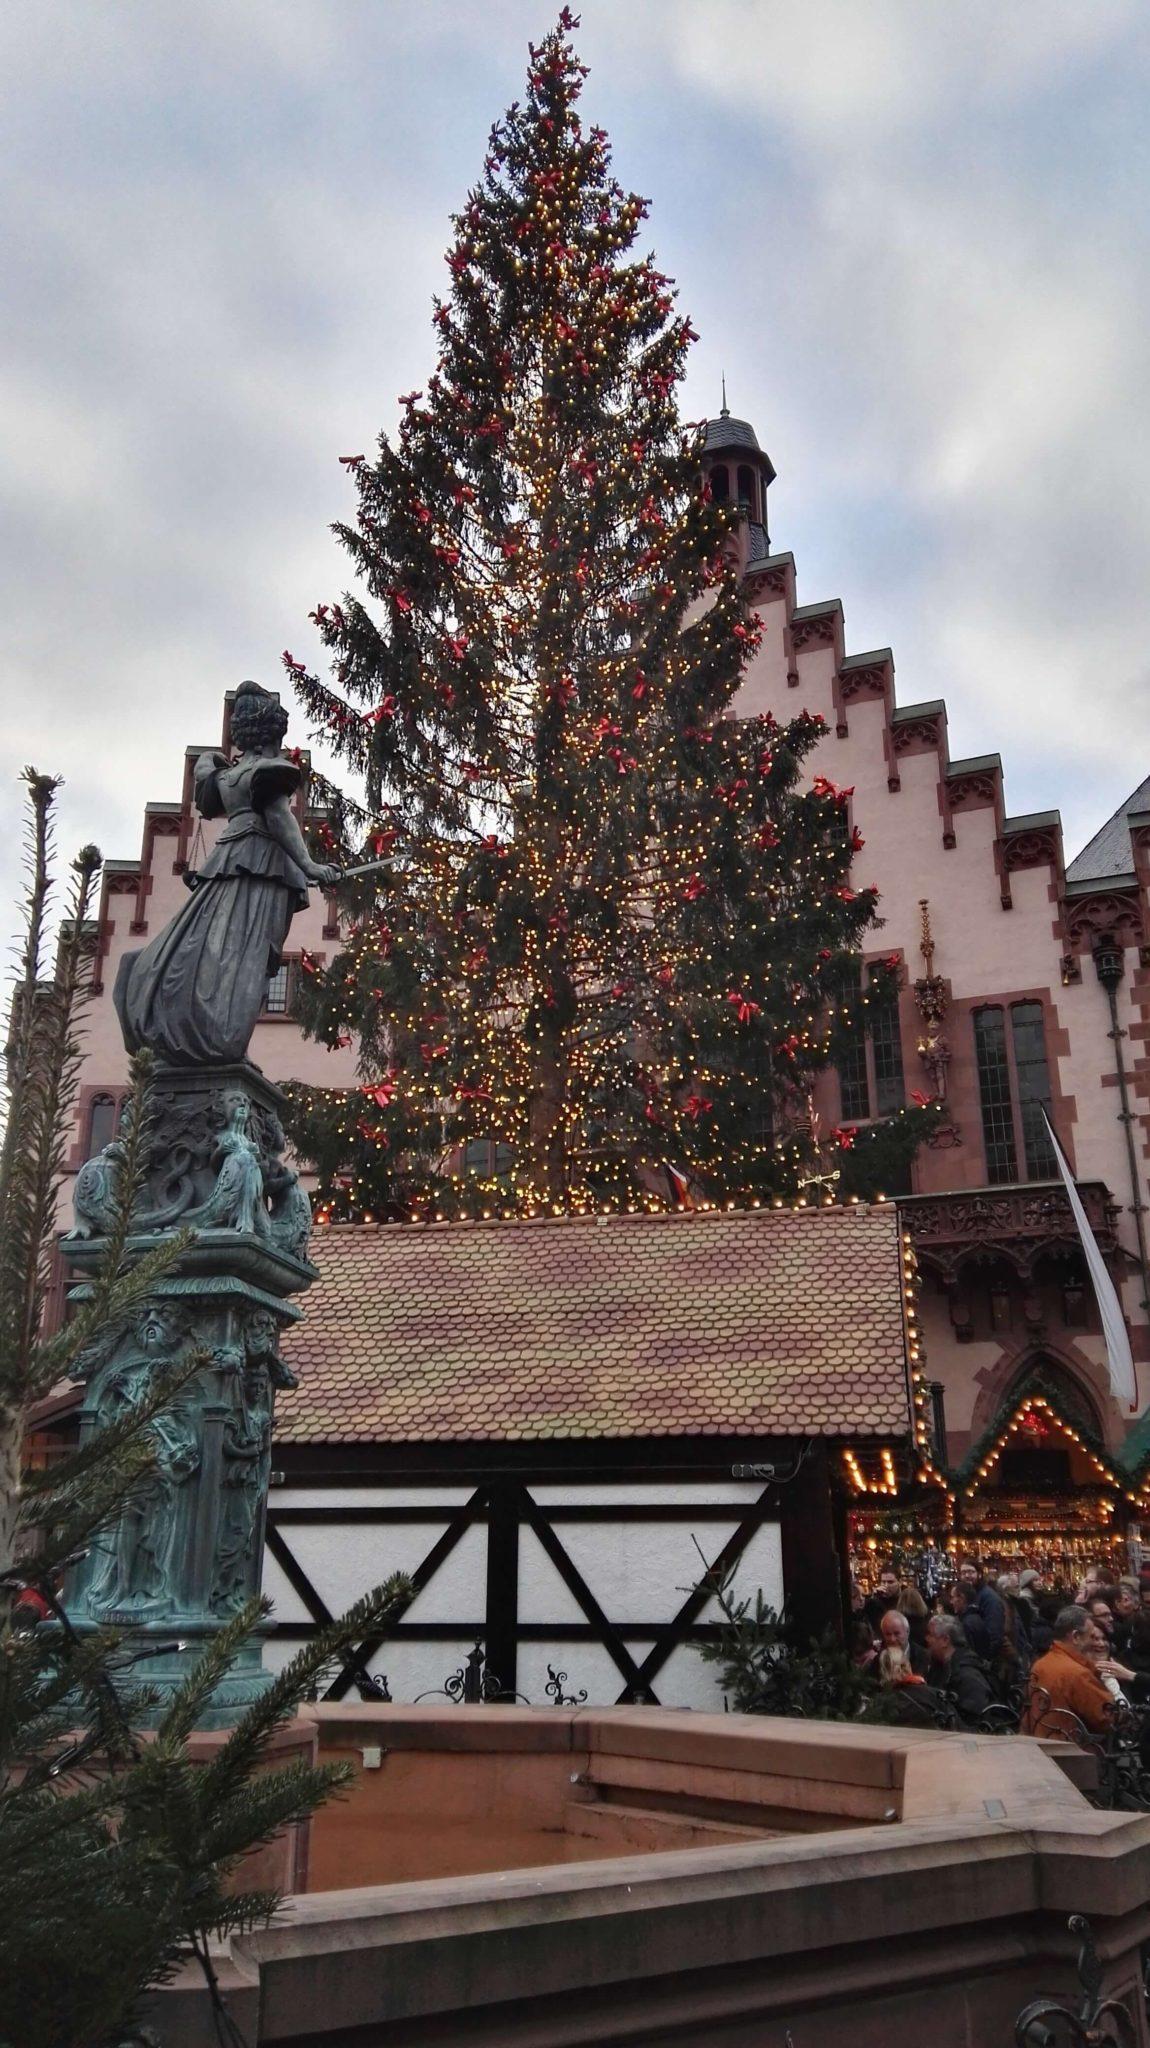 Weihnachtsbaum am Weihnachtsmarkt am Römer in Frankfurt